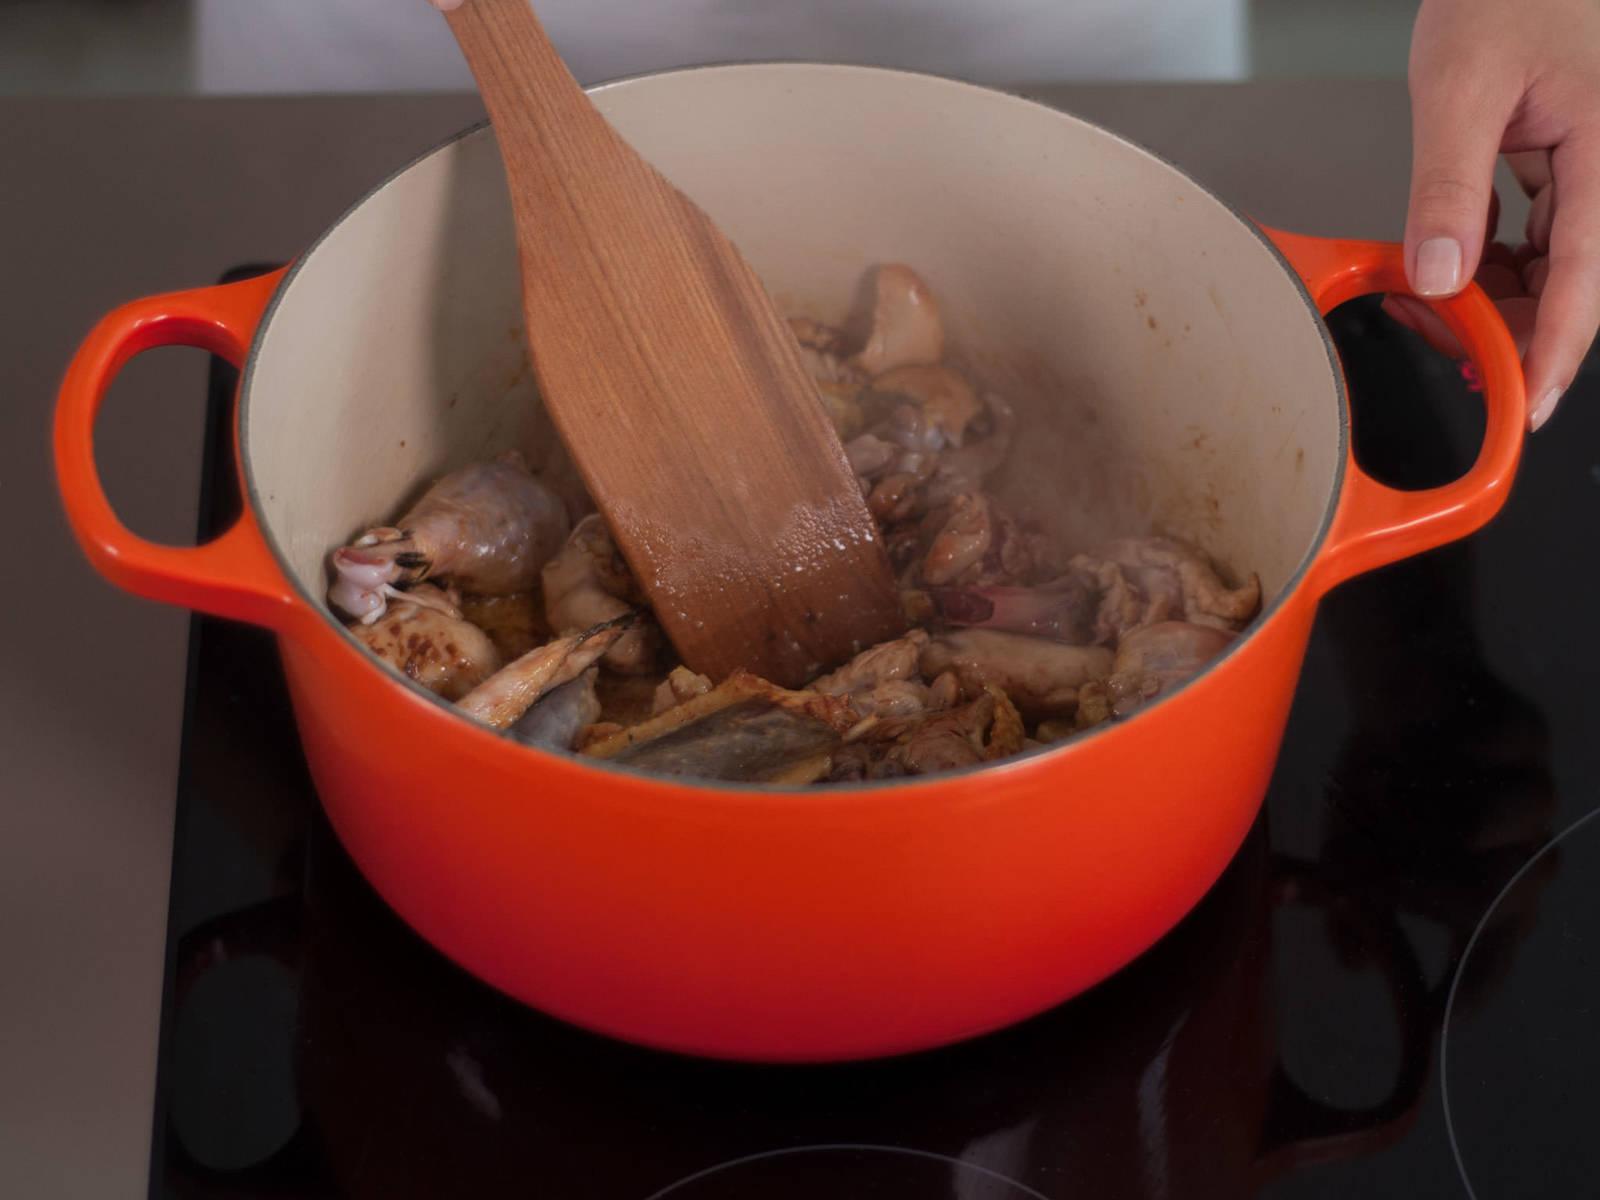 向大锅中加入植物油和糖。用中温加热,至糖呈焦糖状。倒入鸡肉块,翻炒1-2分钟,至鸡肉呈棕色。